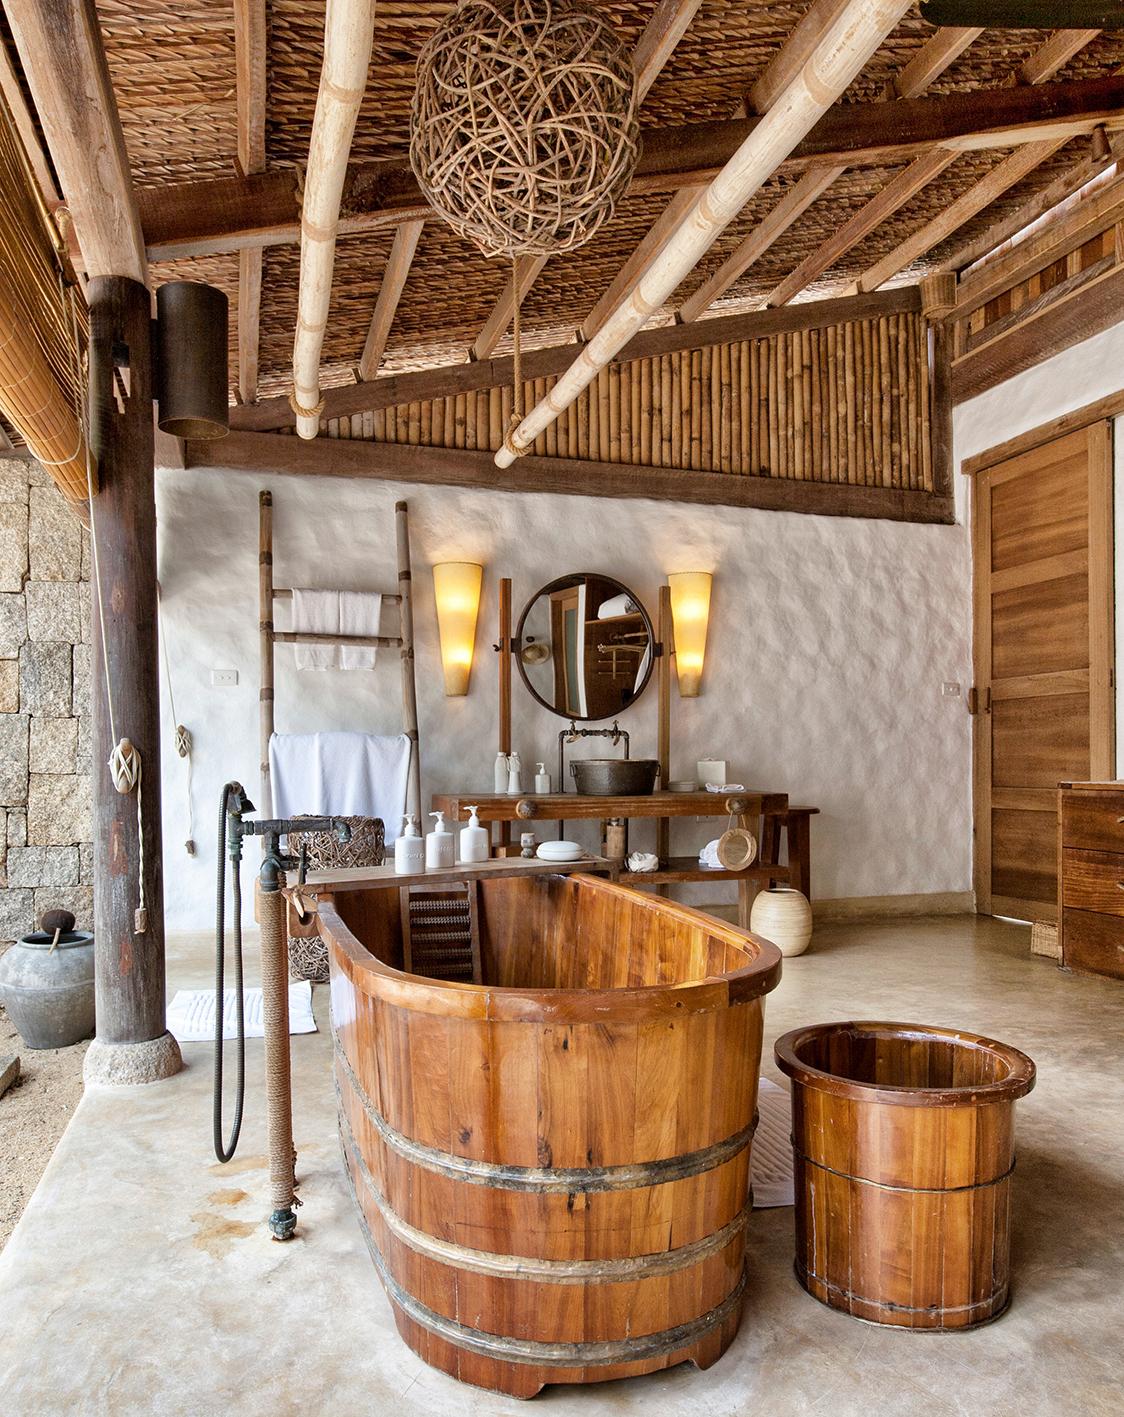 Six Senses Salle de bain